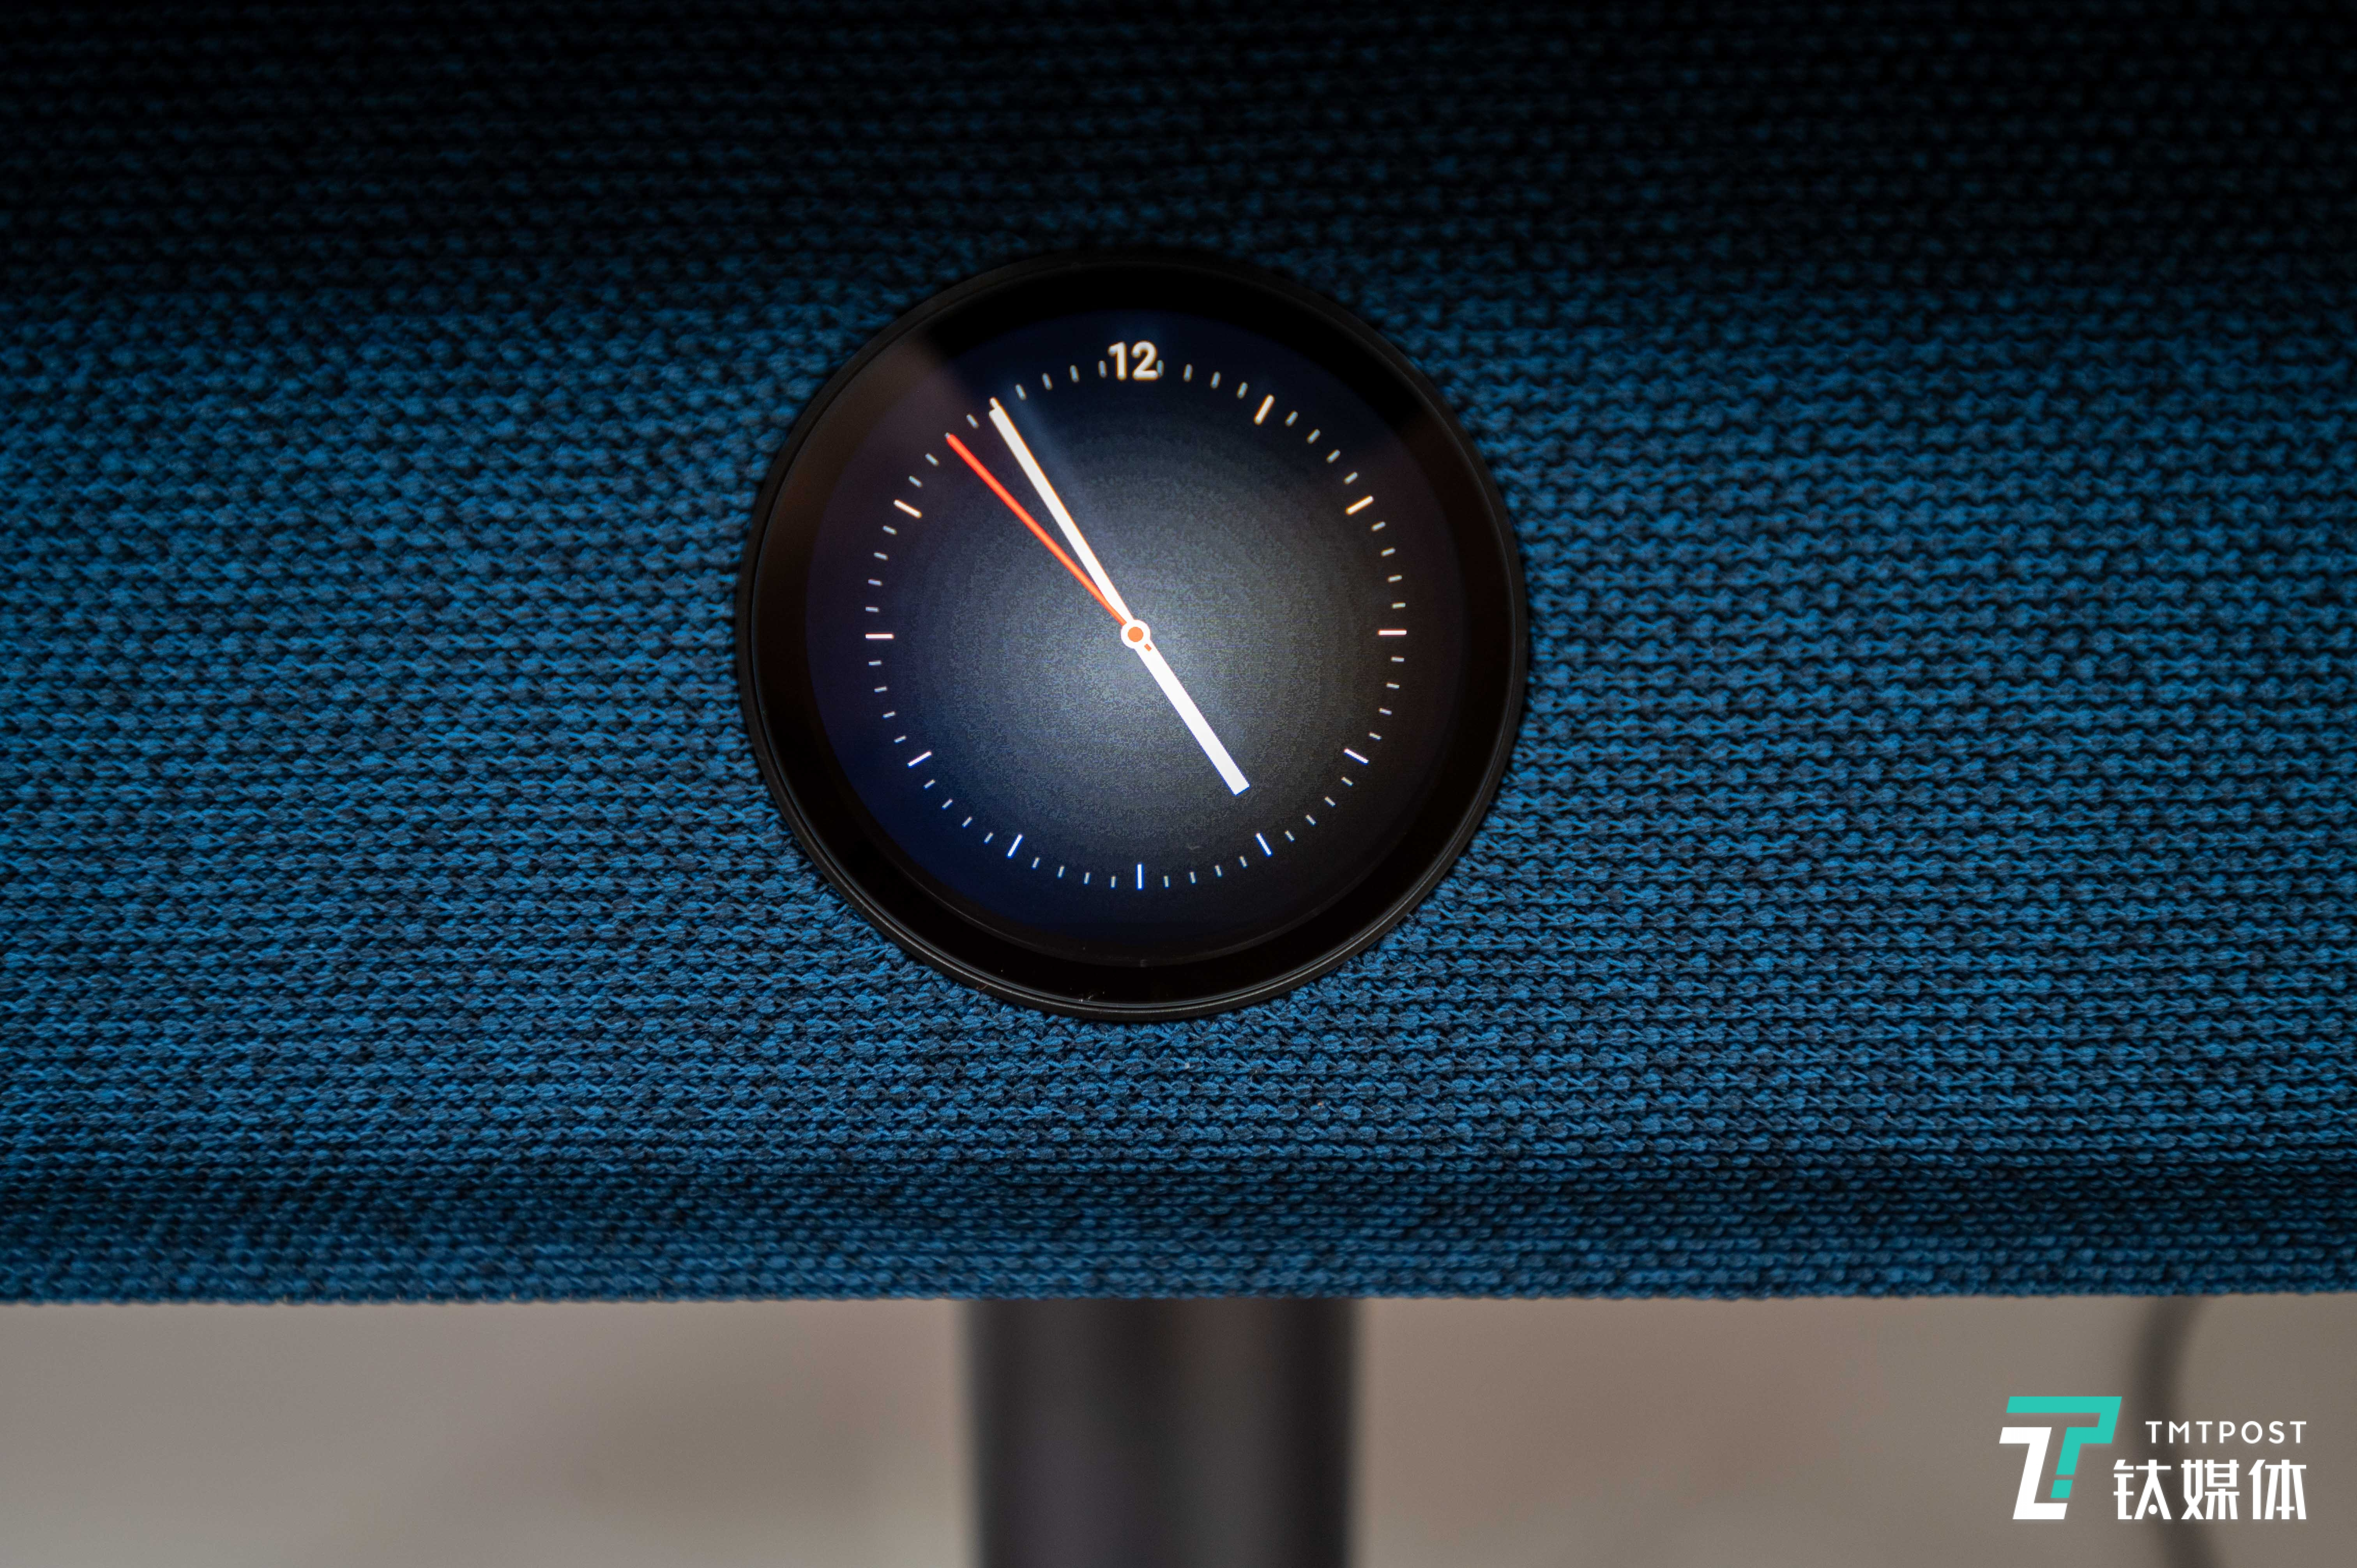 副屏待机状态可以显示时间